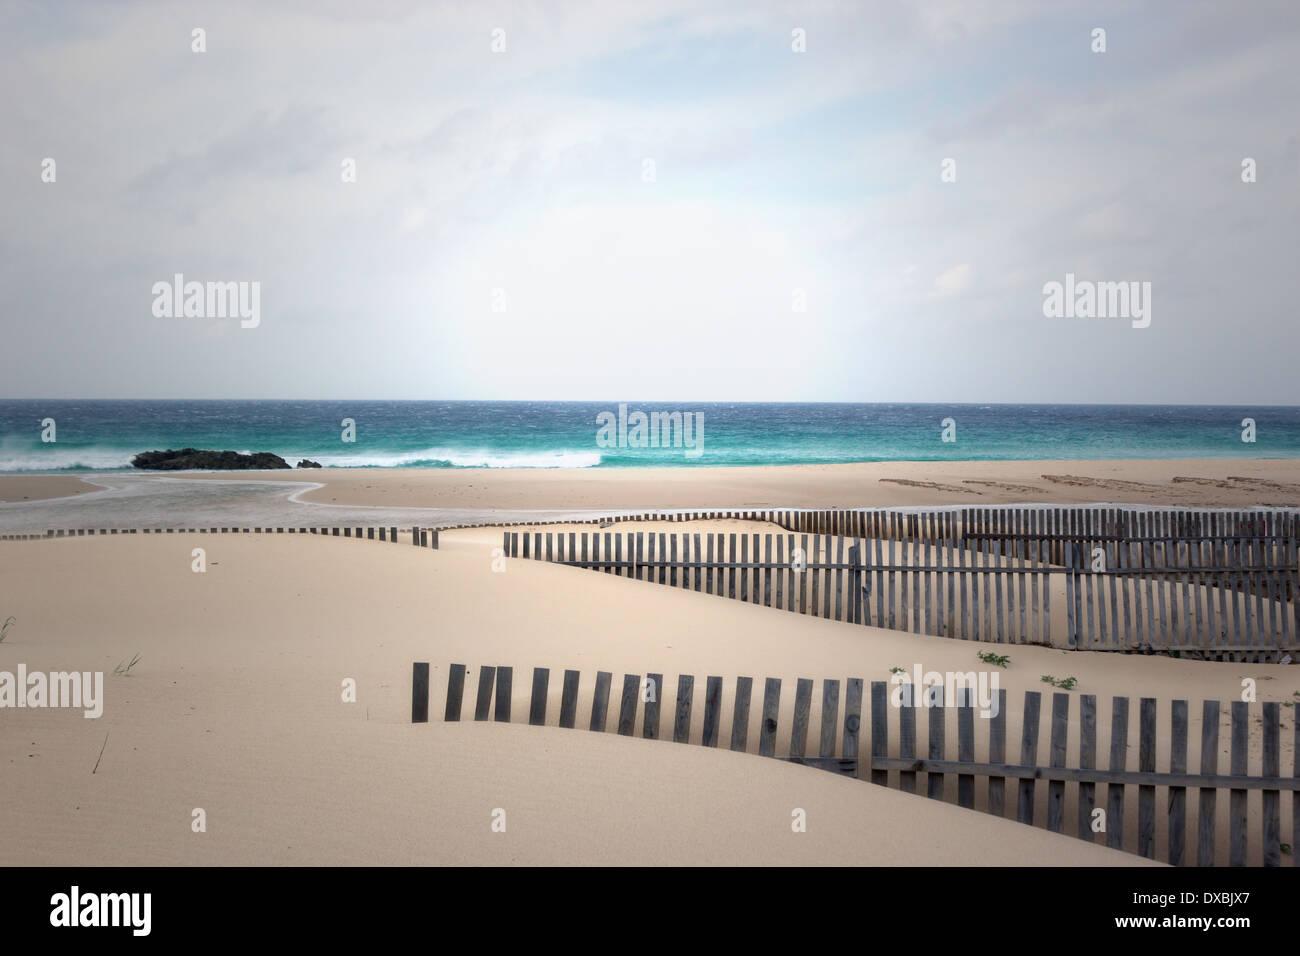 Tarifa, Cádiz, Costa de la Luz, Andalucía, España. Vallas de madera en playas azotadas por el viento y el océano Atlántico. Imagen De Stock